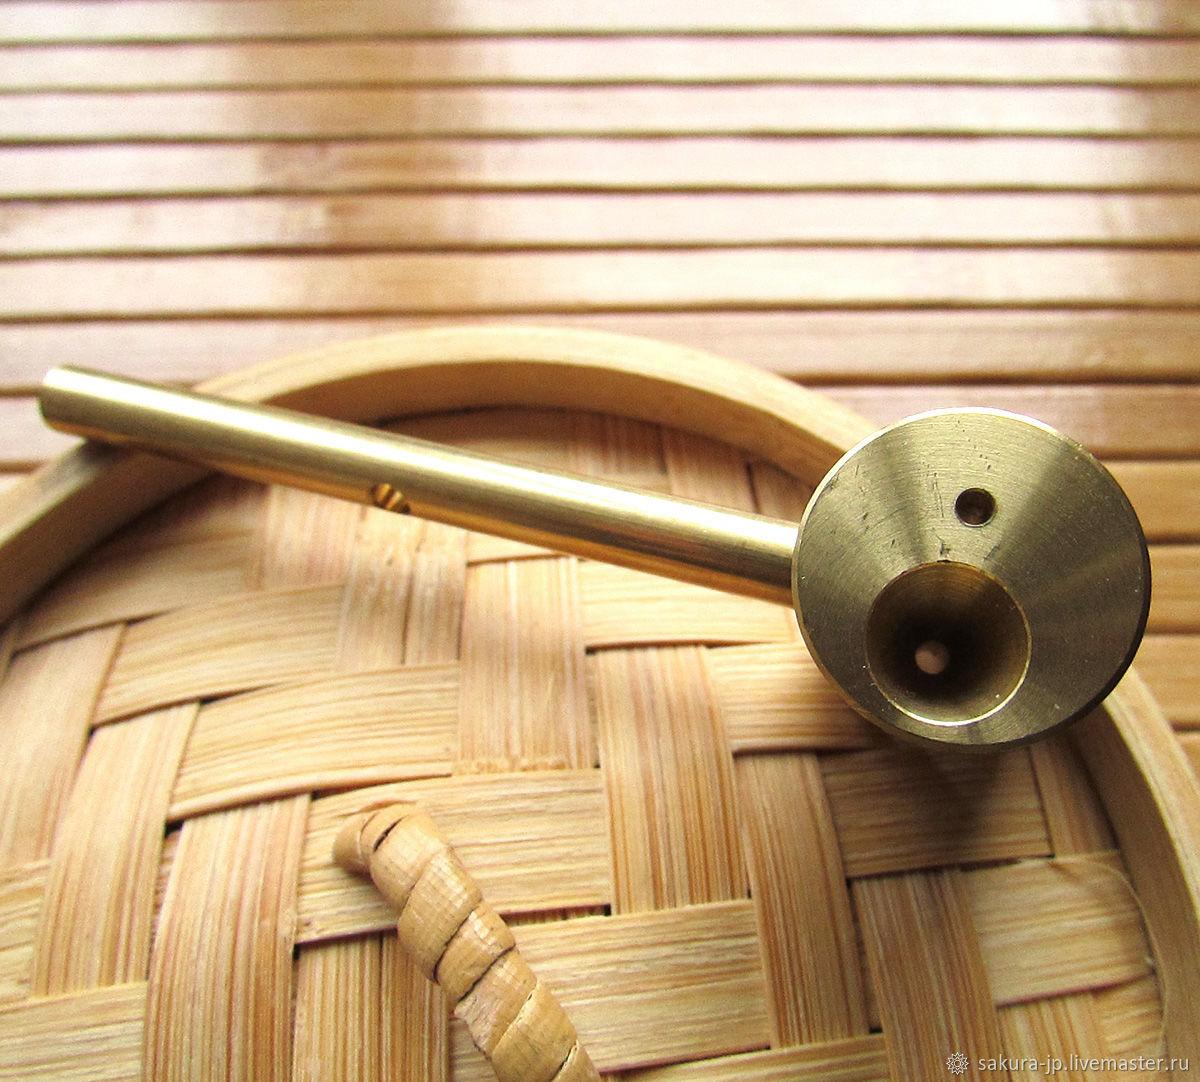 Японская насадка Фильера для цветоделия. САКУРА - материалы для цветоделия. Ярмарка мастеров.